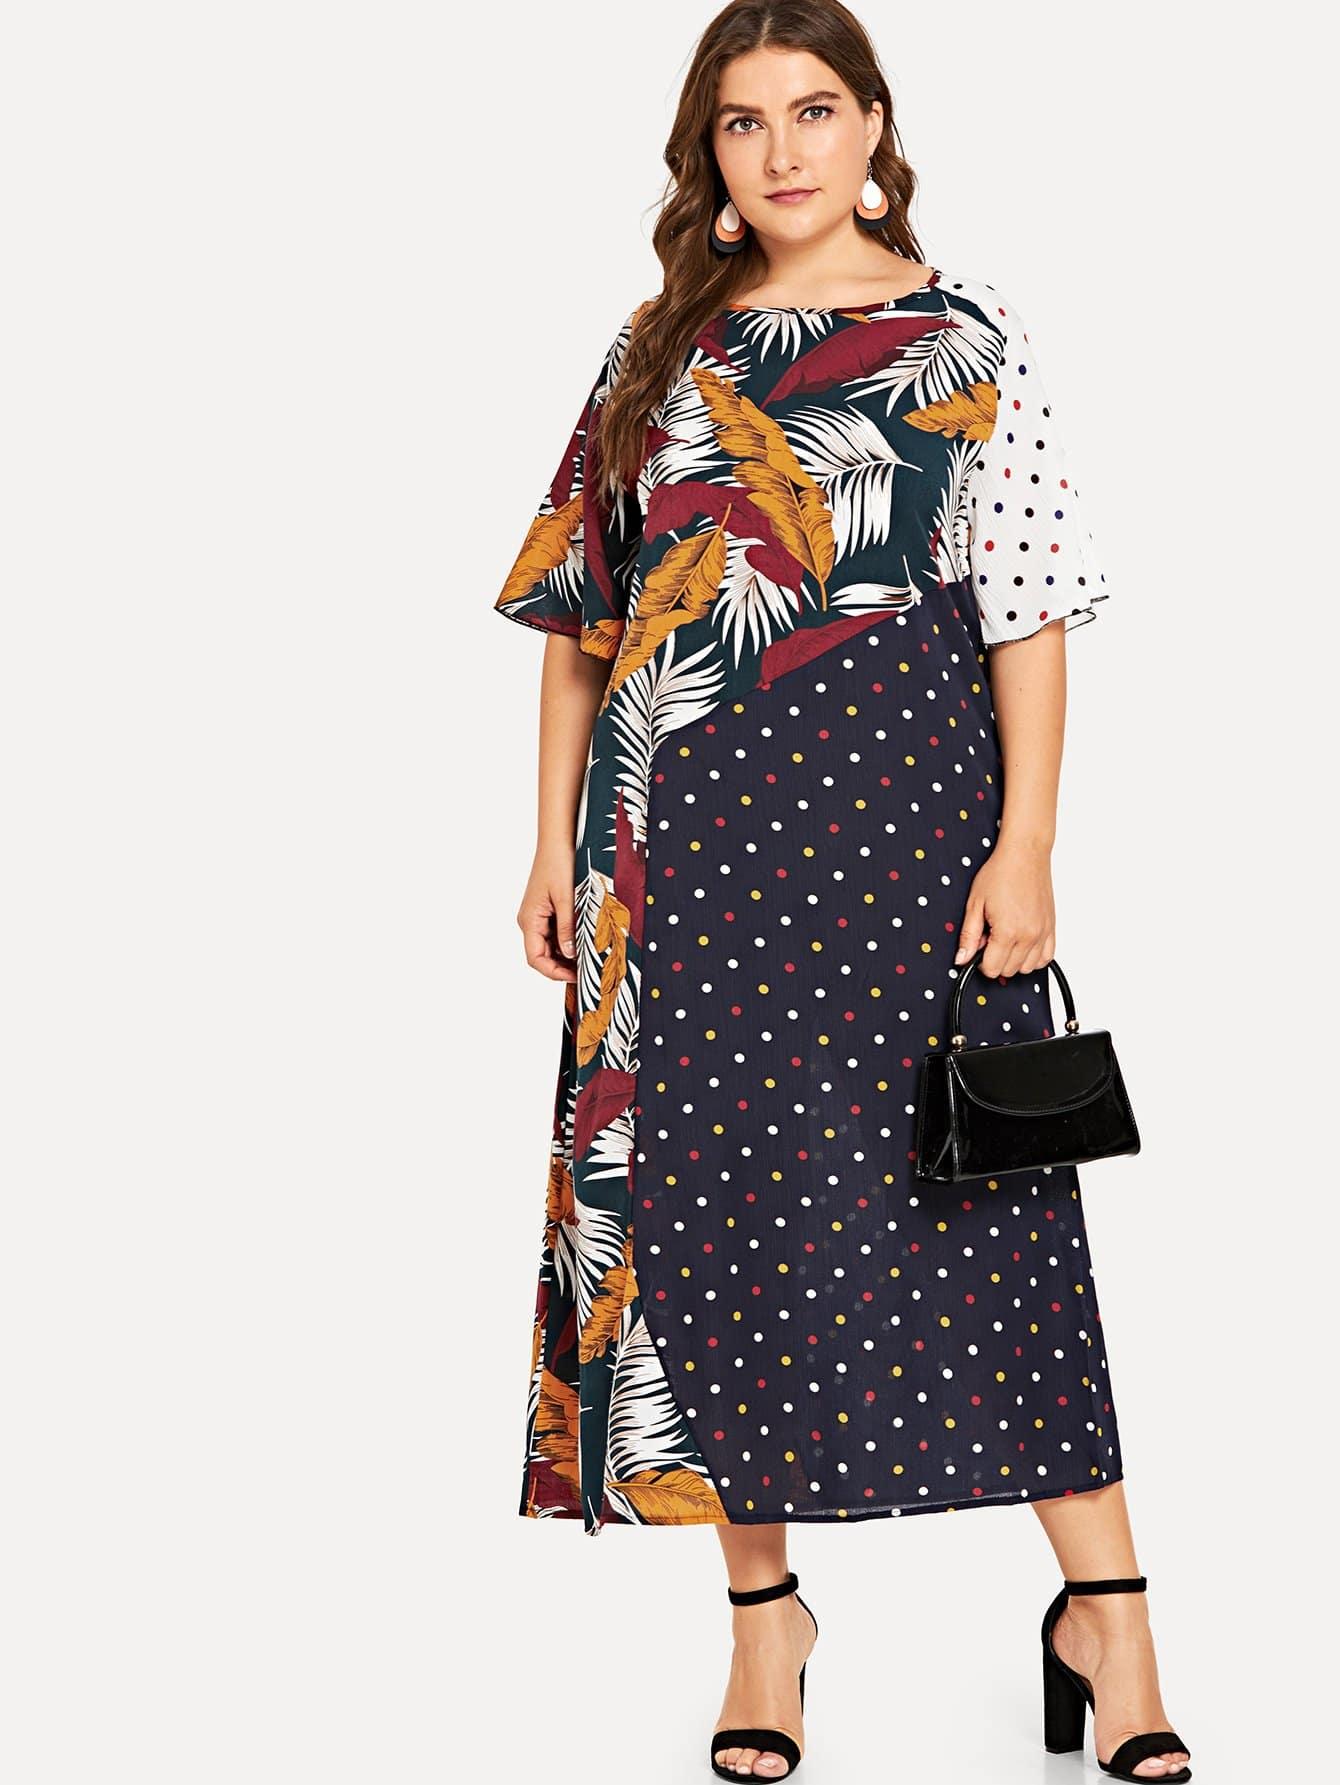 Купить Платье из смешанной печати, Franziska, SheIn